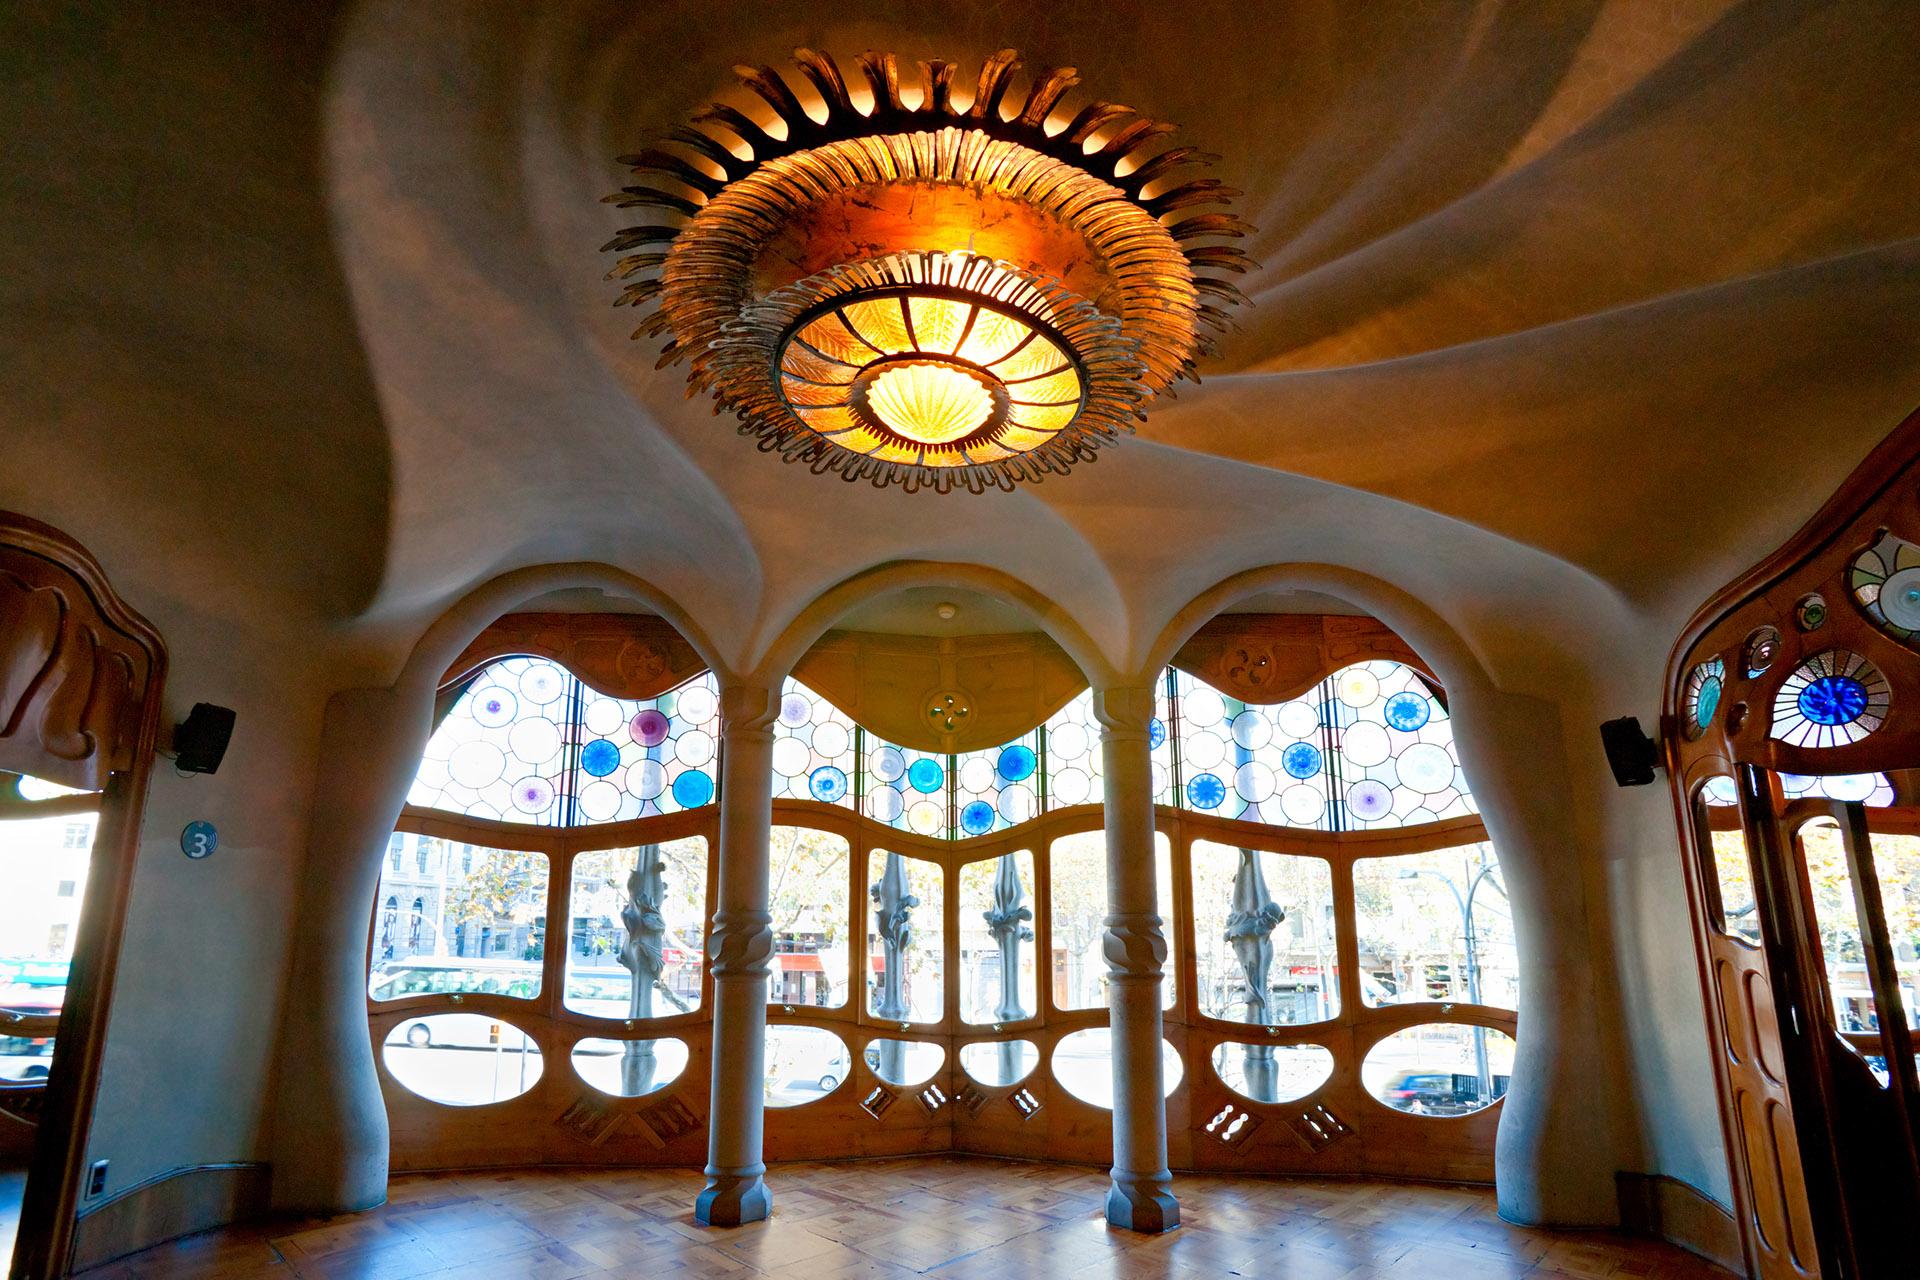 Detalle del interior de la Casa Batló cuyas formas orgánicas describen el típico estilo de Gaudí